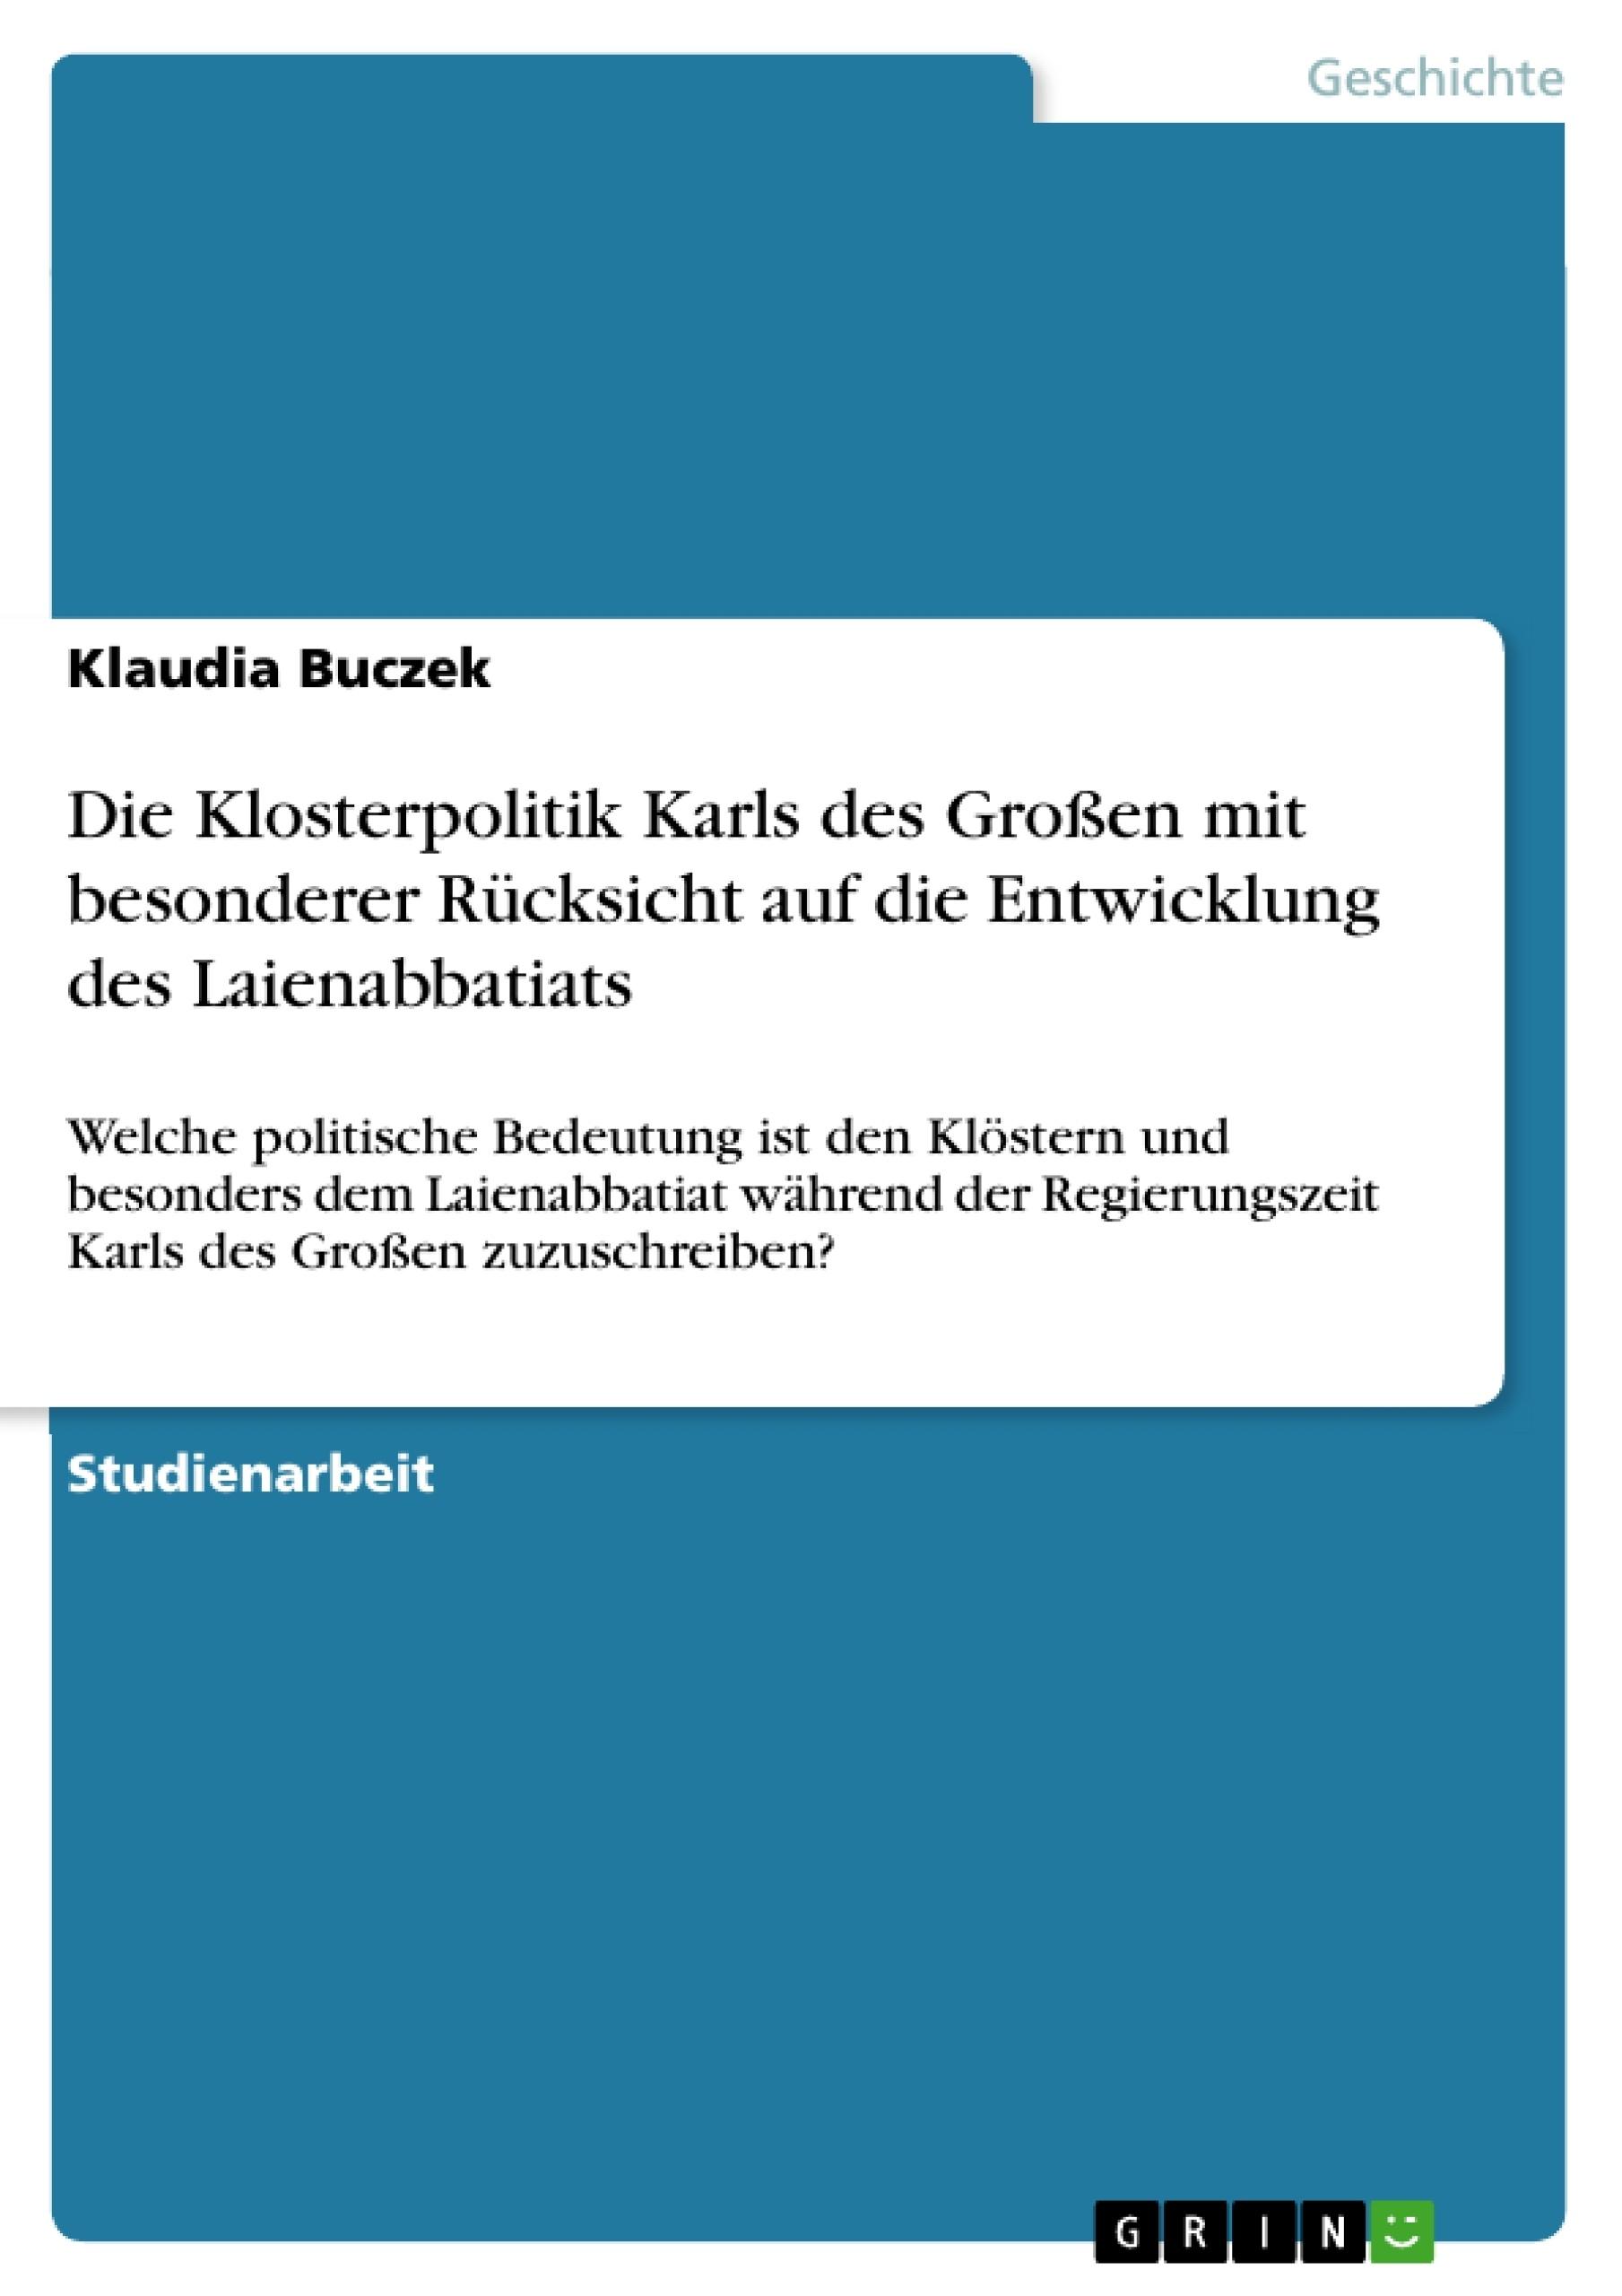 Titel: Die Klosterpolitik Karls des Großen mit besonderer Rücksicht auf die Entwicklung des Laienabbatiats